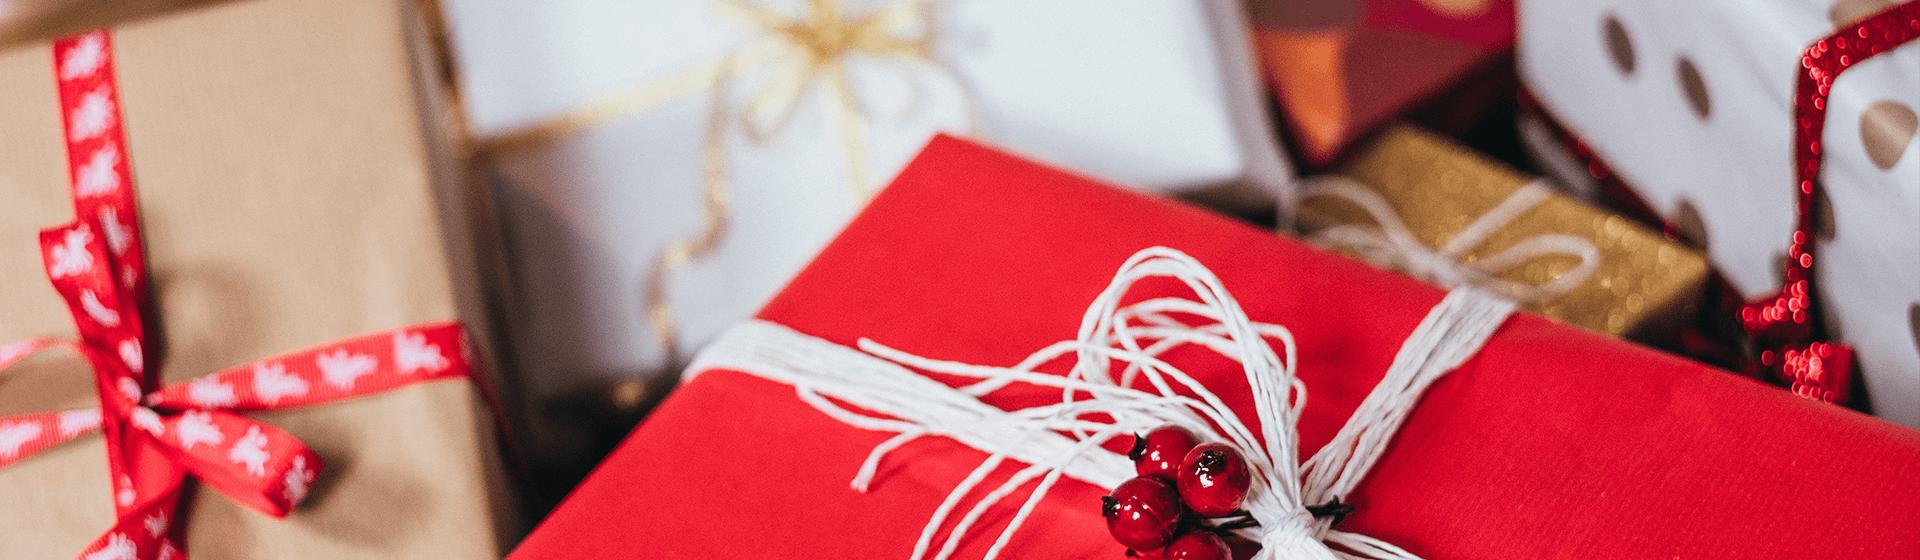 Rechte beim Umtausch von Geschenken.